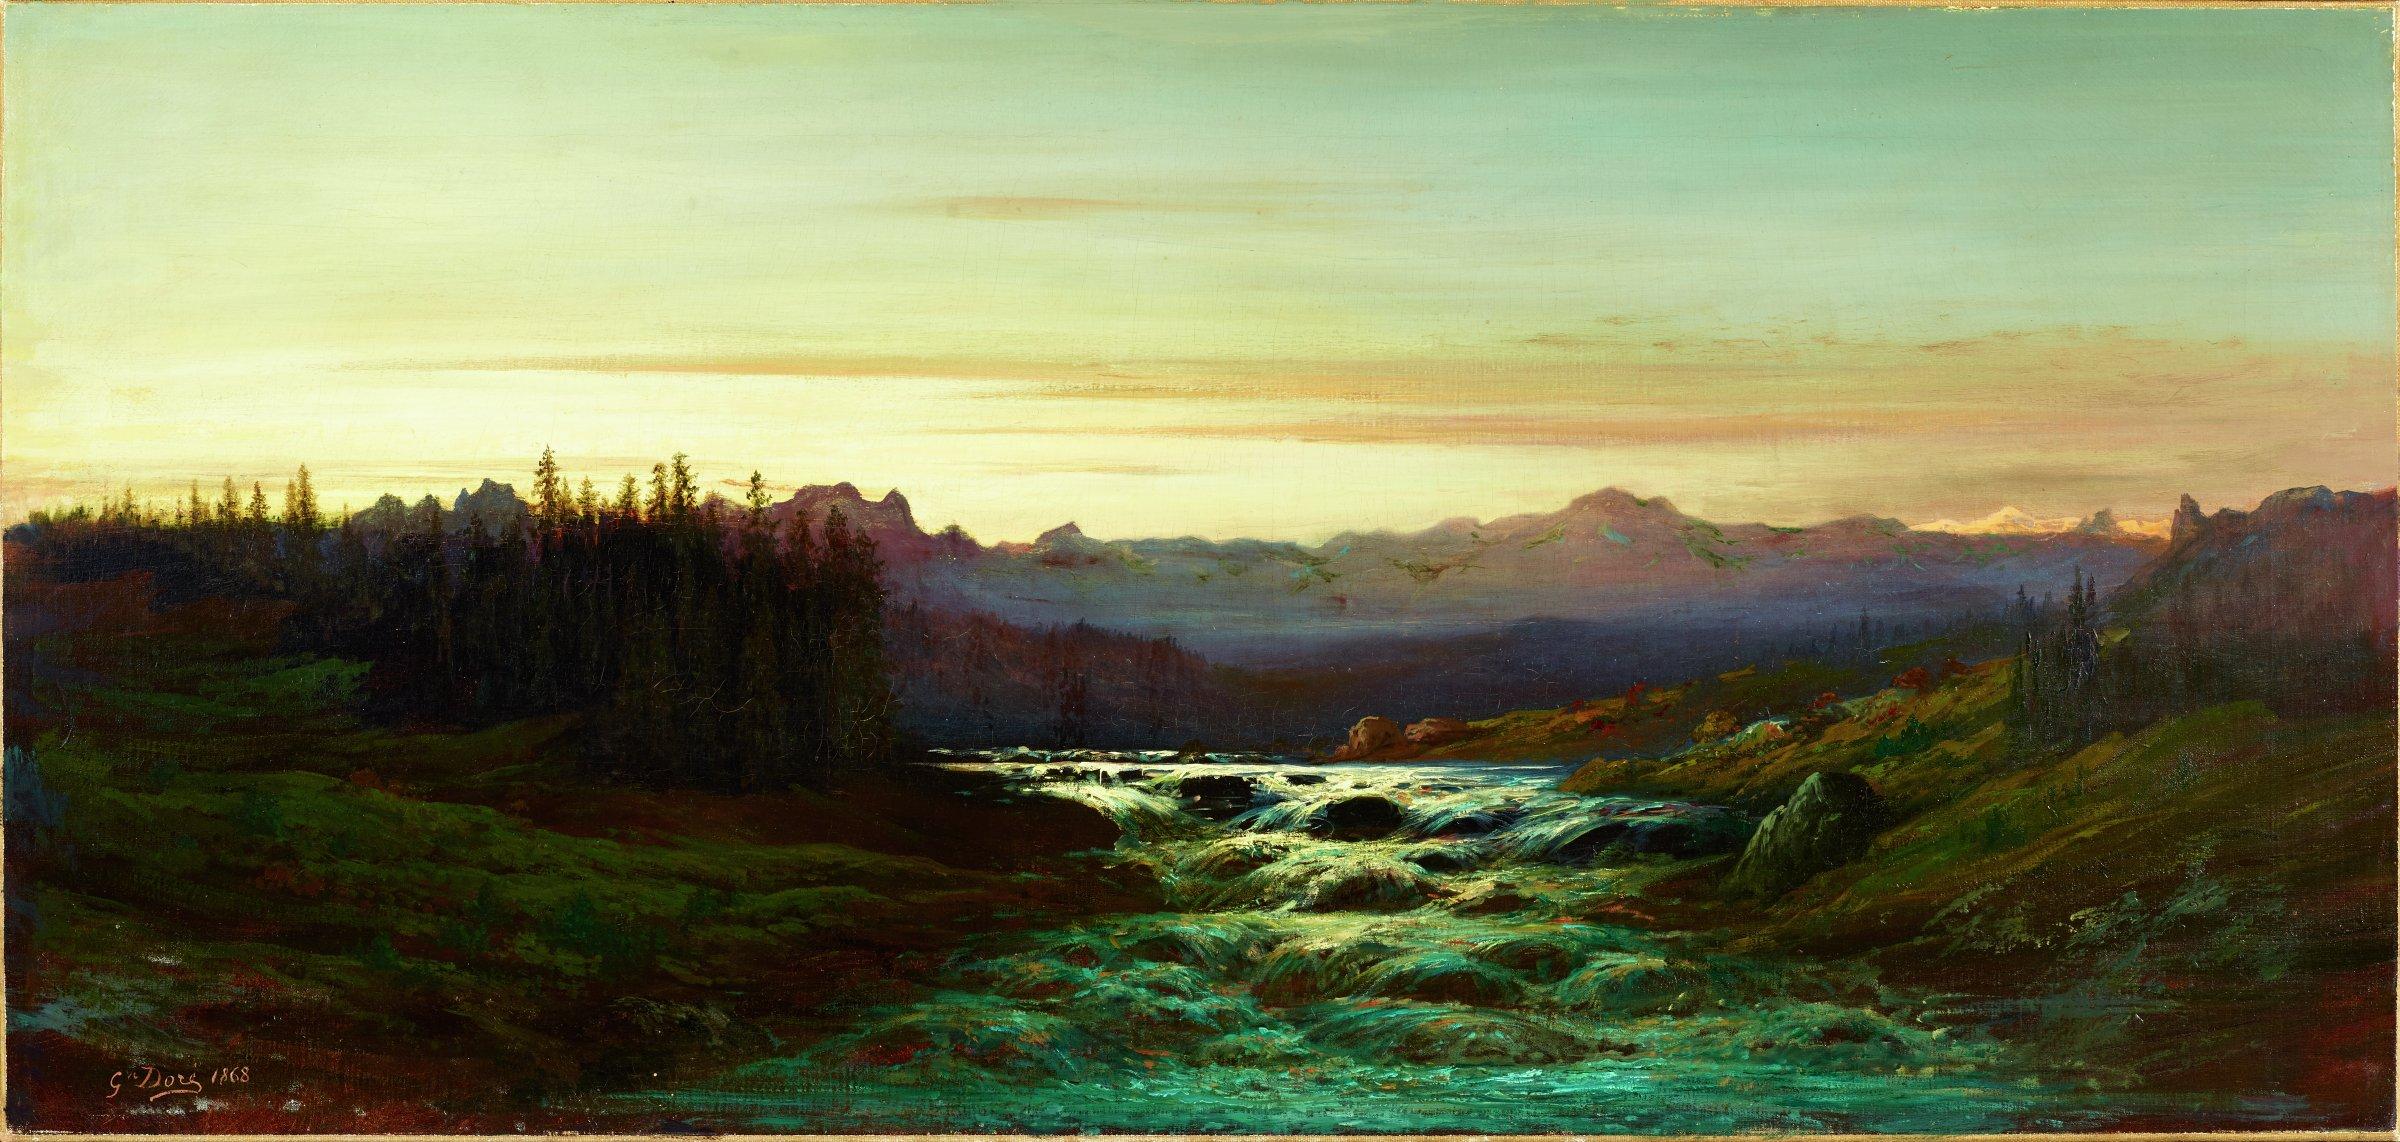 Paysage de Montagnes (Mountain Landscape), Gustave Doré, oil on canvas